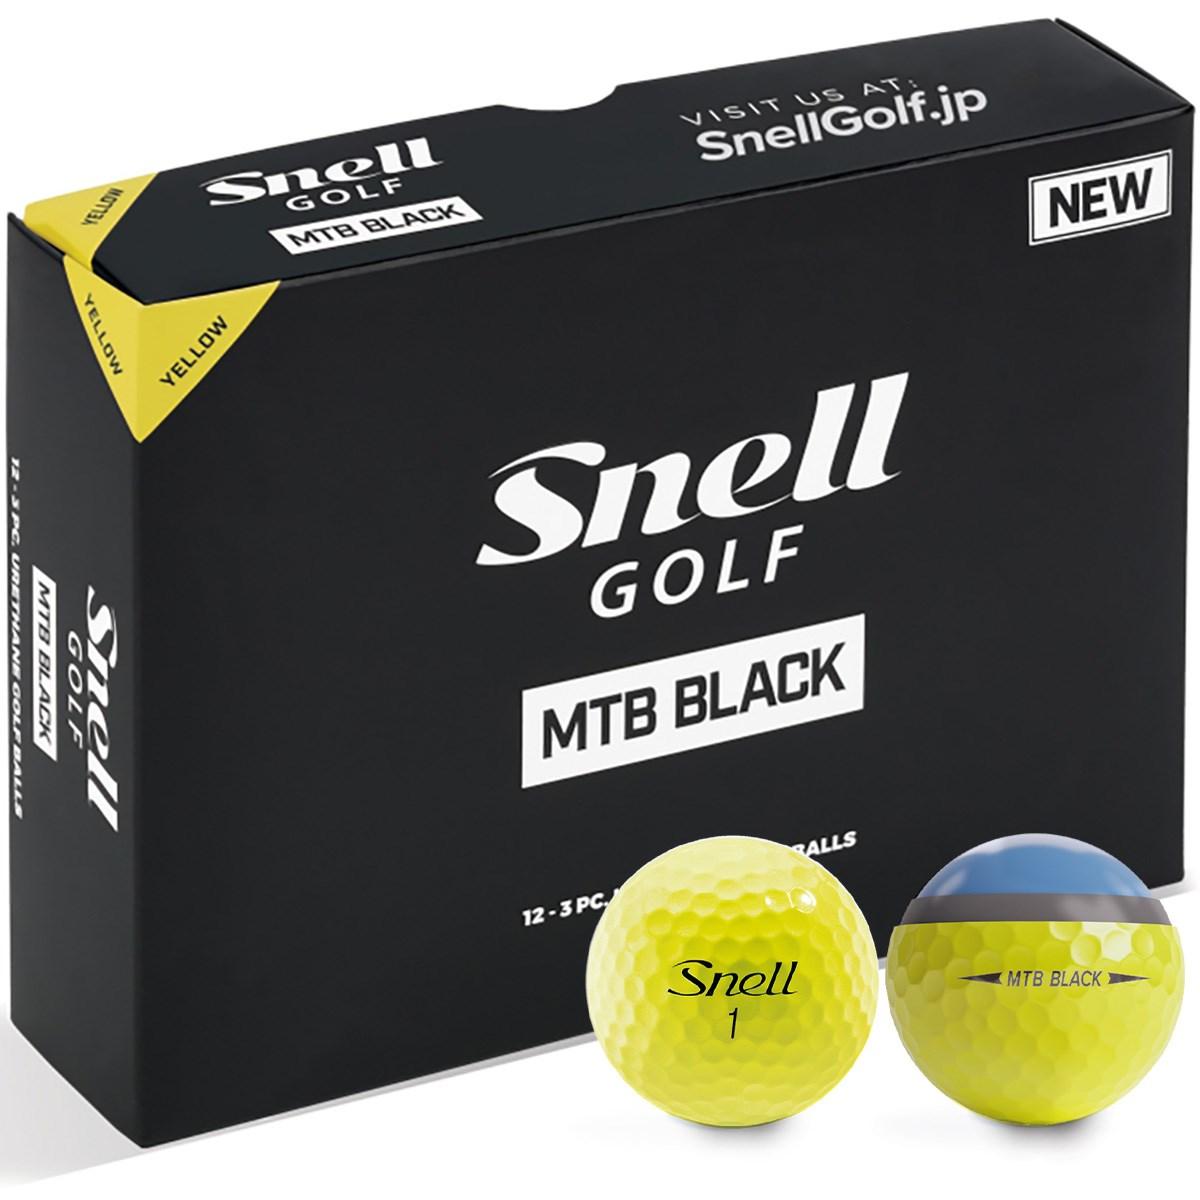 スネルゴルフ Snell GOLF MTB BLACK ボール 1ダース(12個入り) イエロー